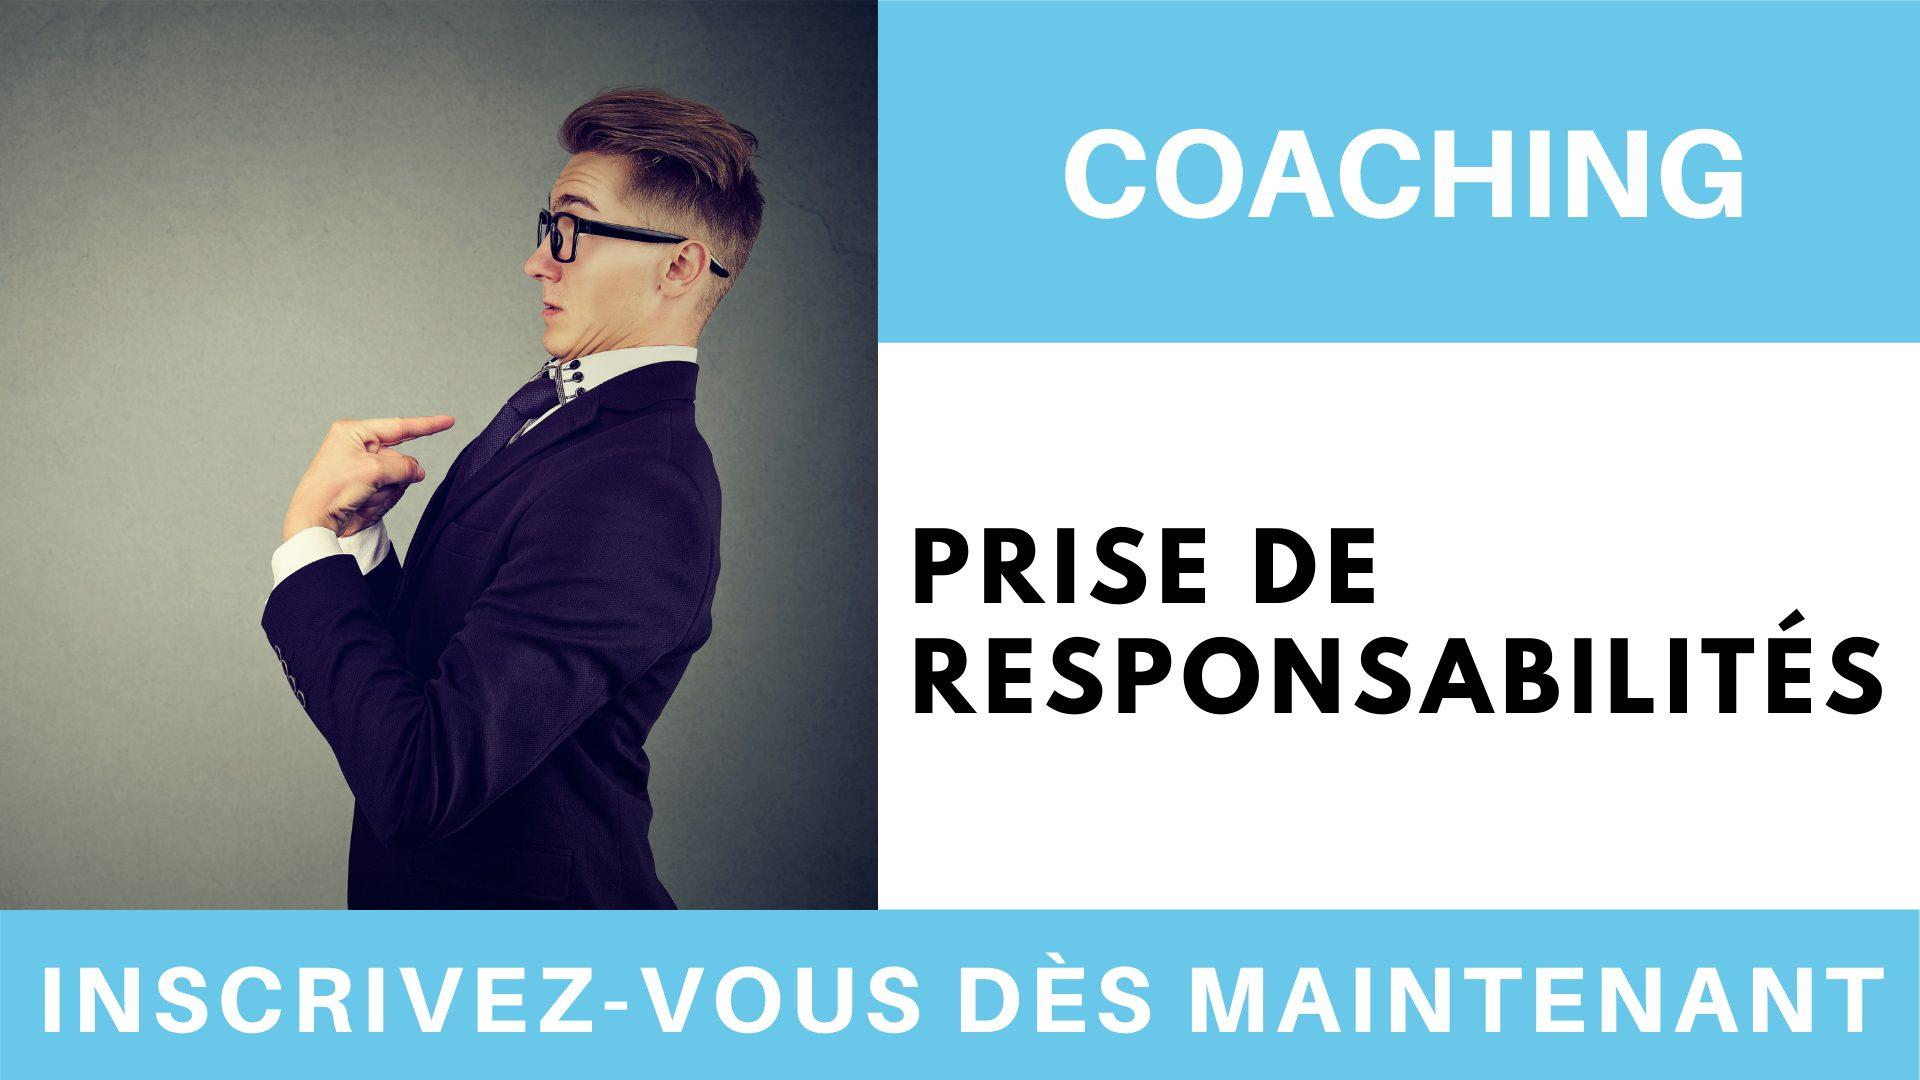 Coaching prise de responsabilités